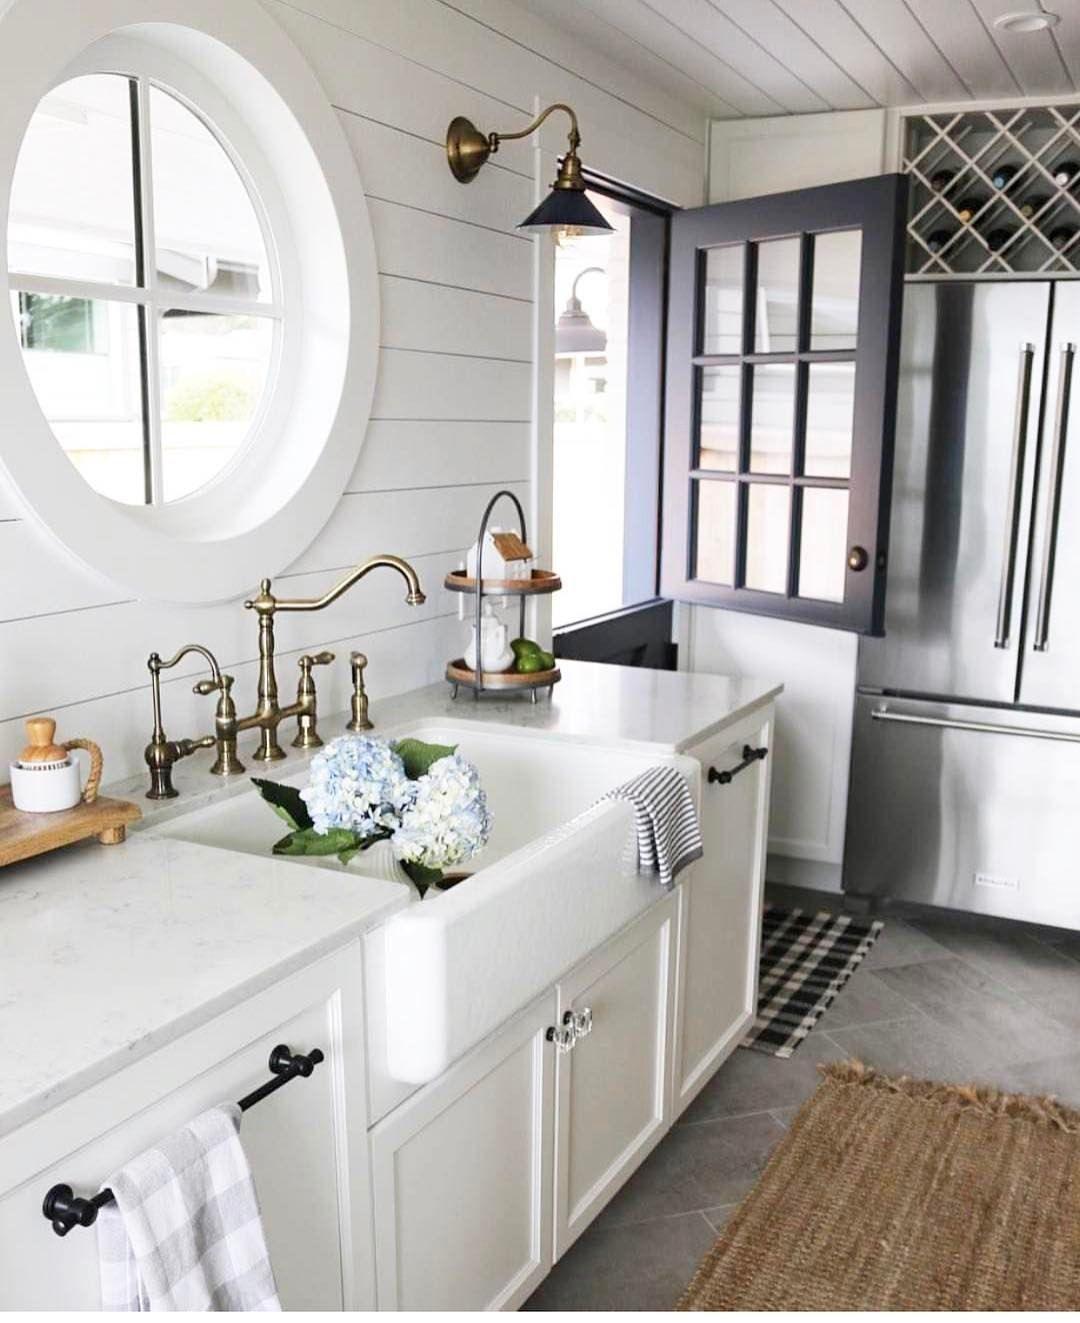 Cozy White Kitchen Shiplap Farmhouse Sink Kitchen Sink Decor Kitchen Remodel Layout Farmhouse Sink Kitchen